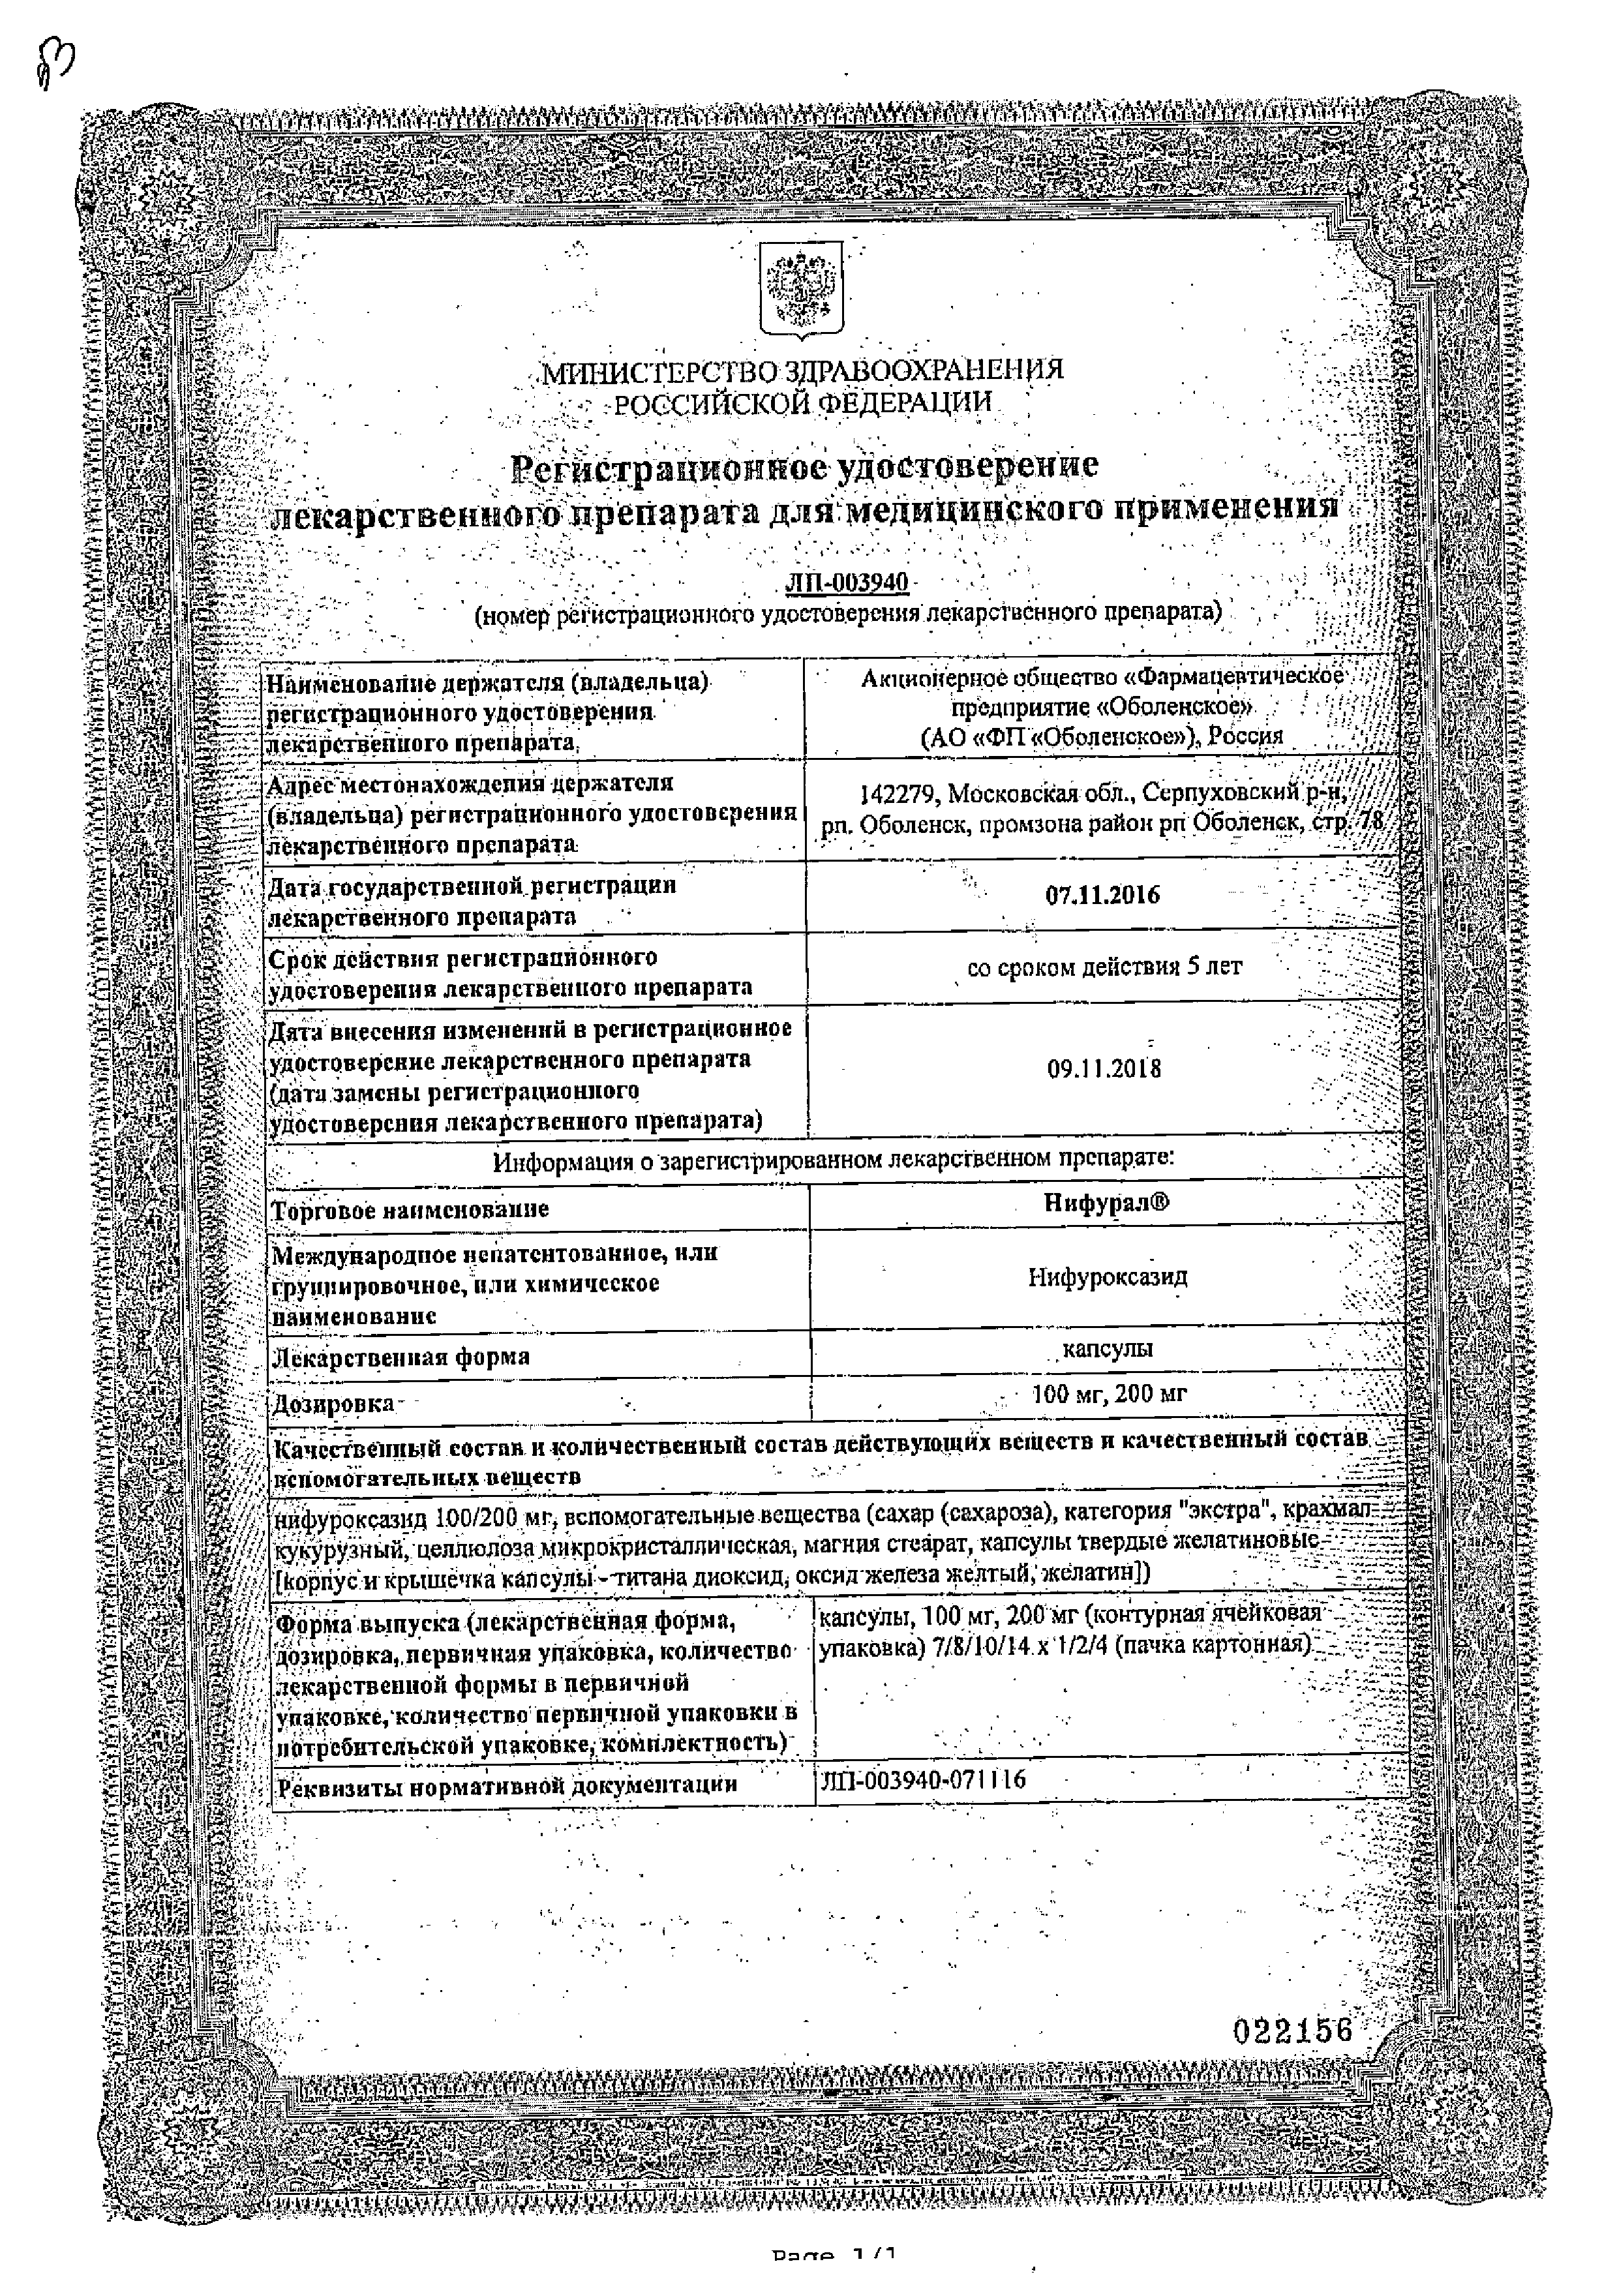 Нифурал сертификат